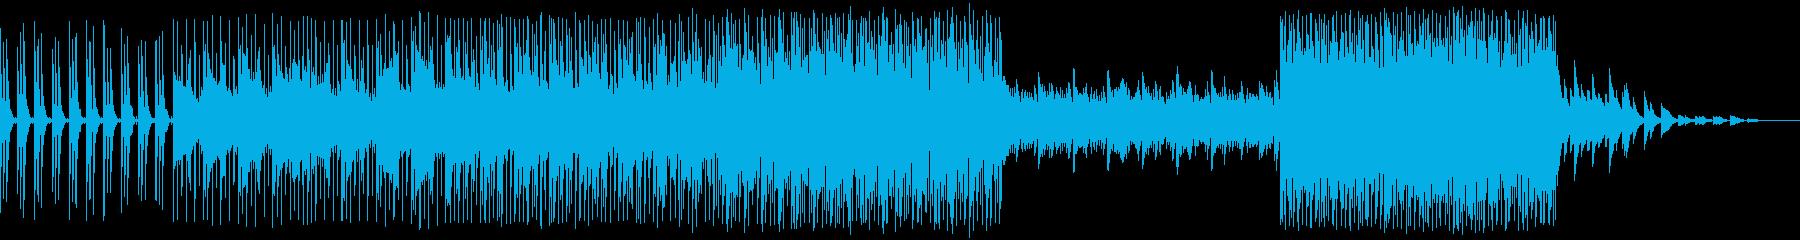 キラキラした雰囲気のスローテンポEDMの再生済みの波形